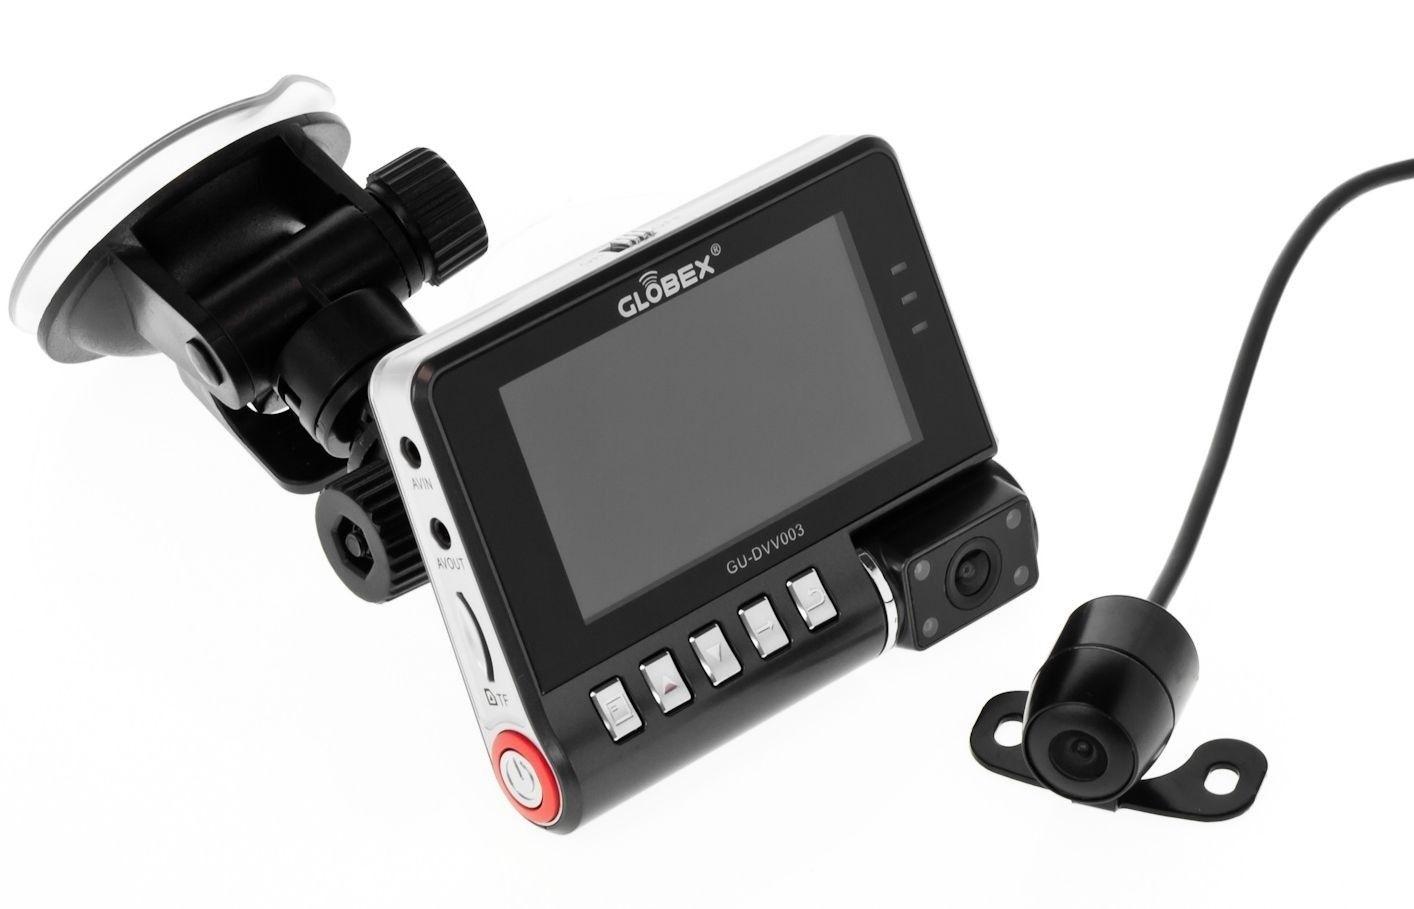 Видеорегистратор Globex GU-DVV003 - 3